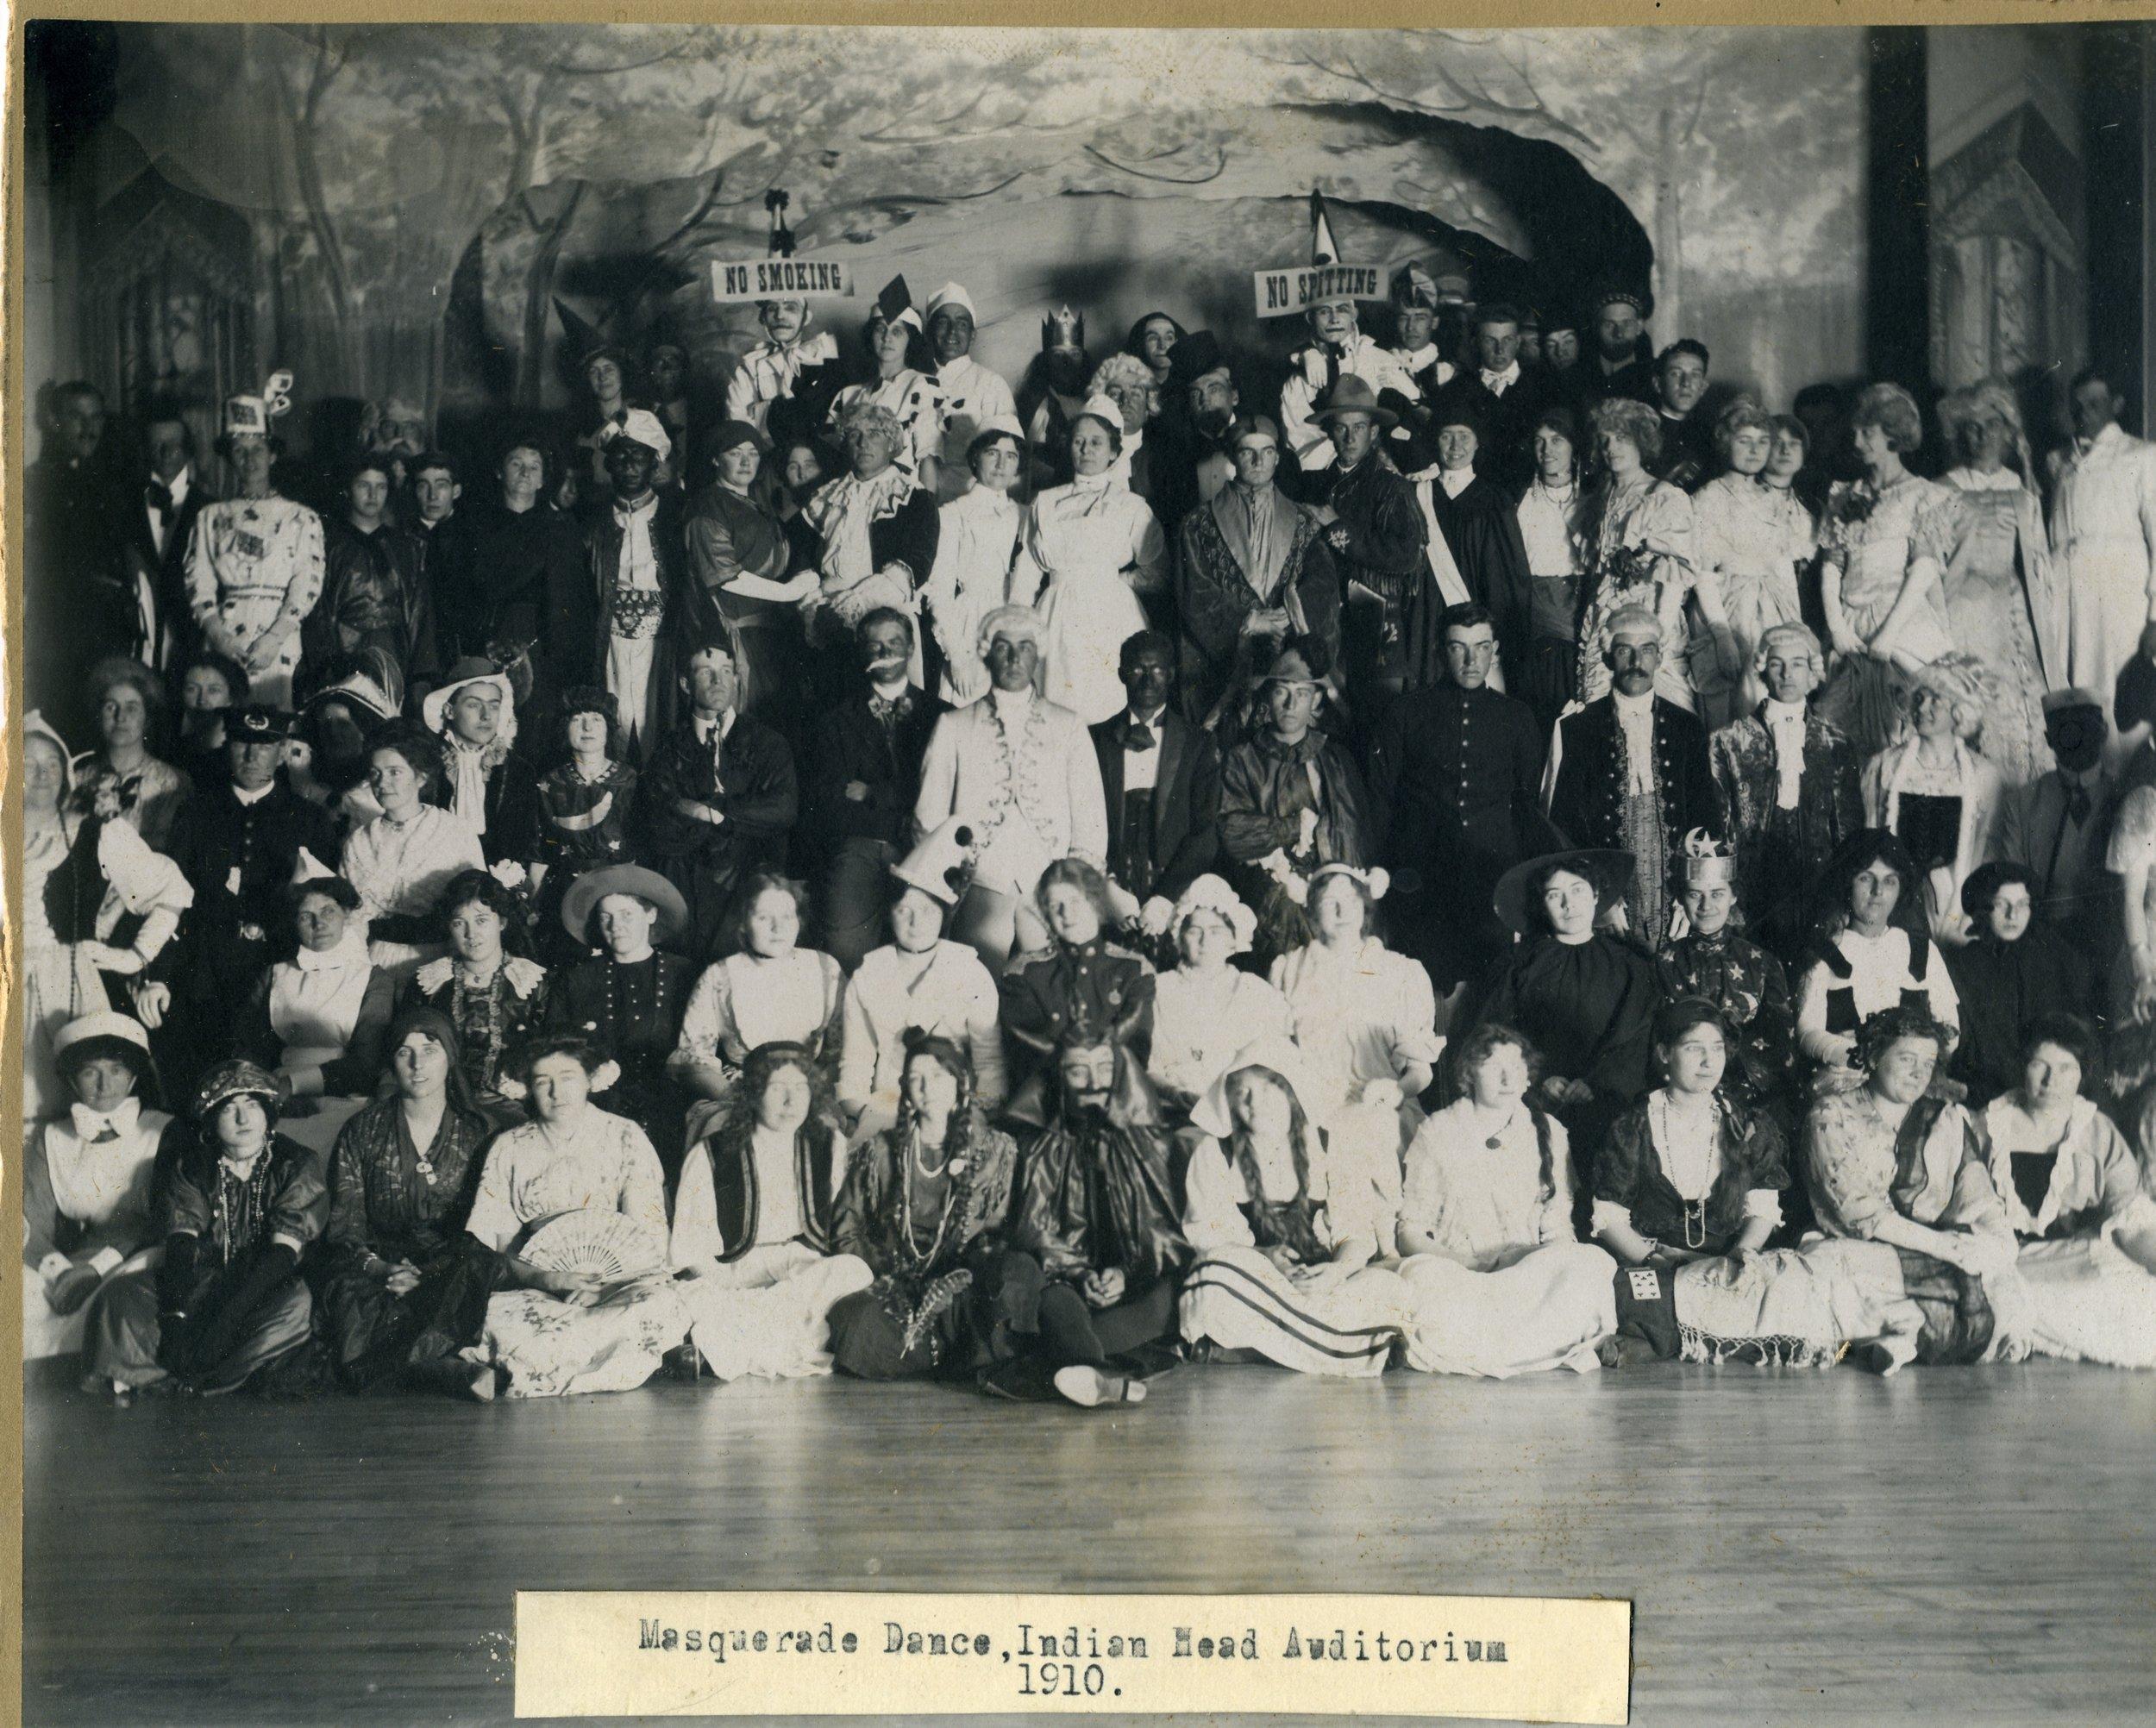 Masquerade Dance  - Indian Head Auditorium 1910.jpg